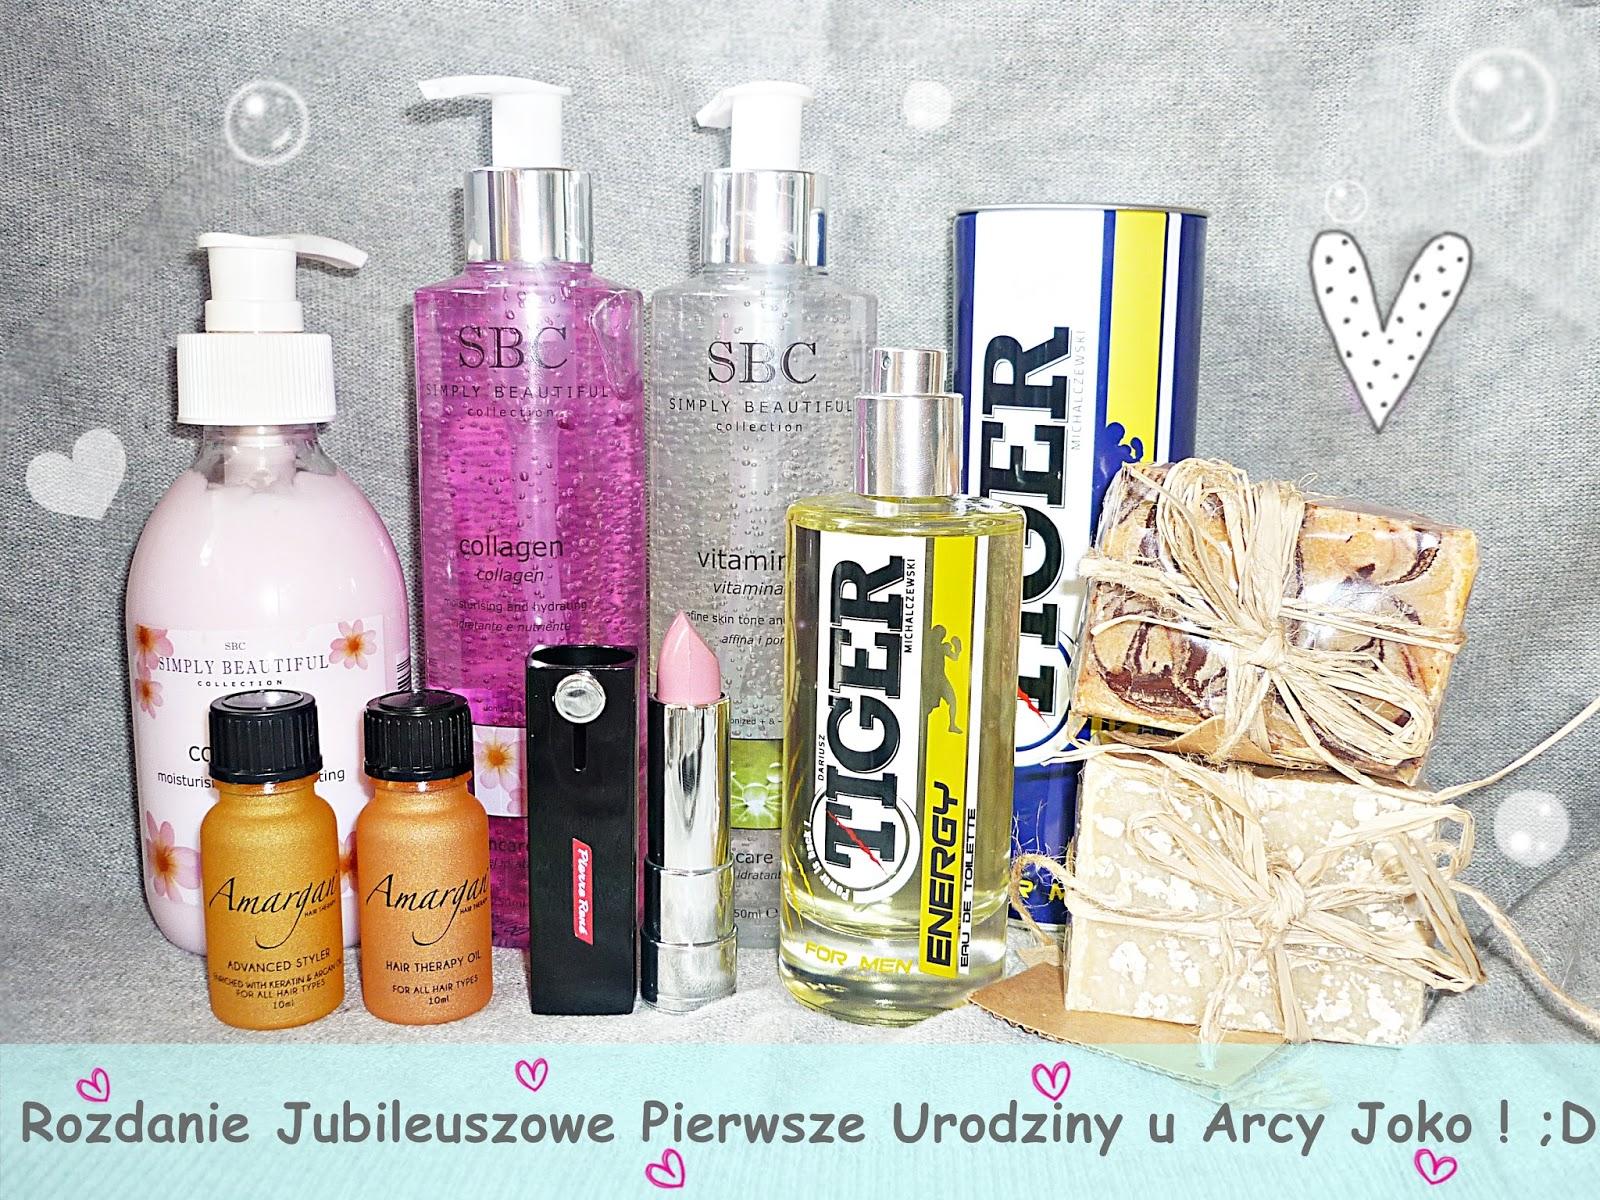 http://arcy-beauty.blogspot.com/2014/05/rozdanie-jubileuszowe-z-okazji.html